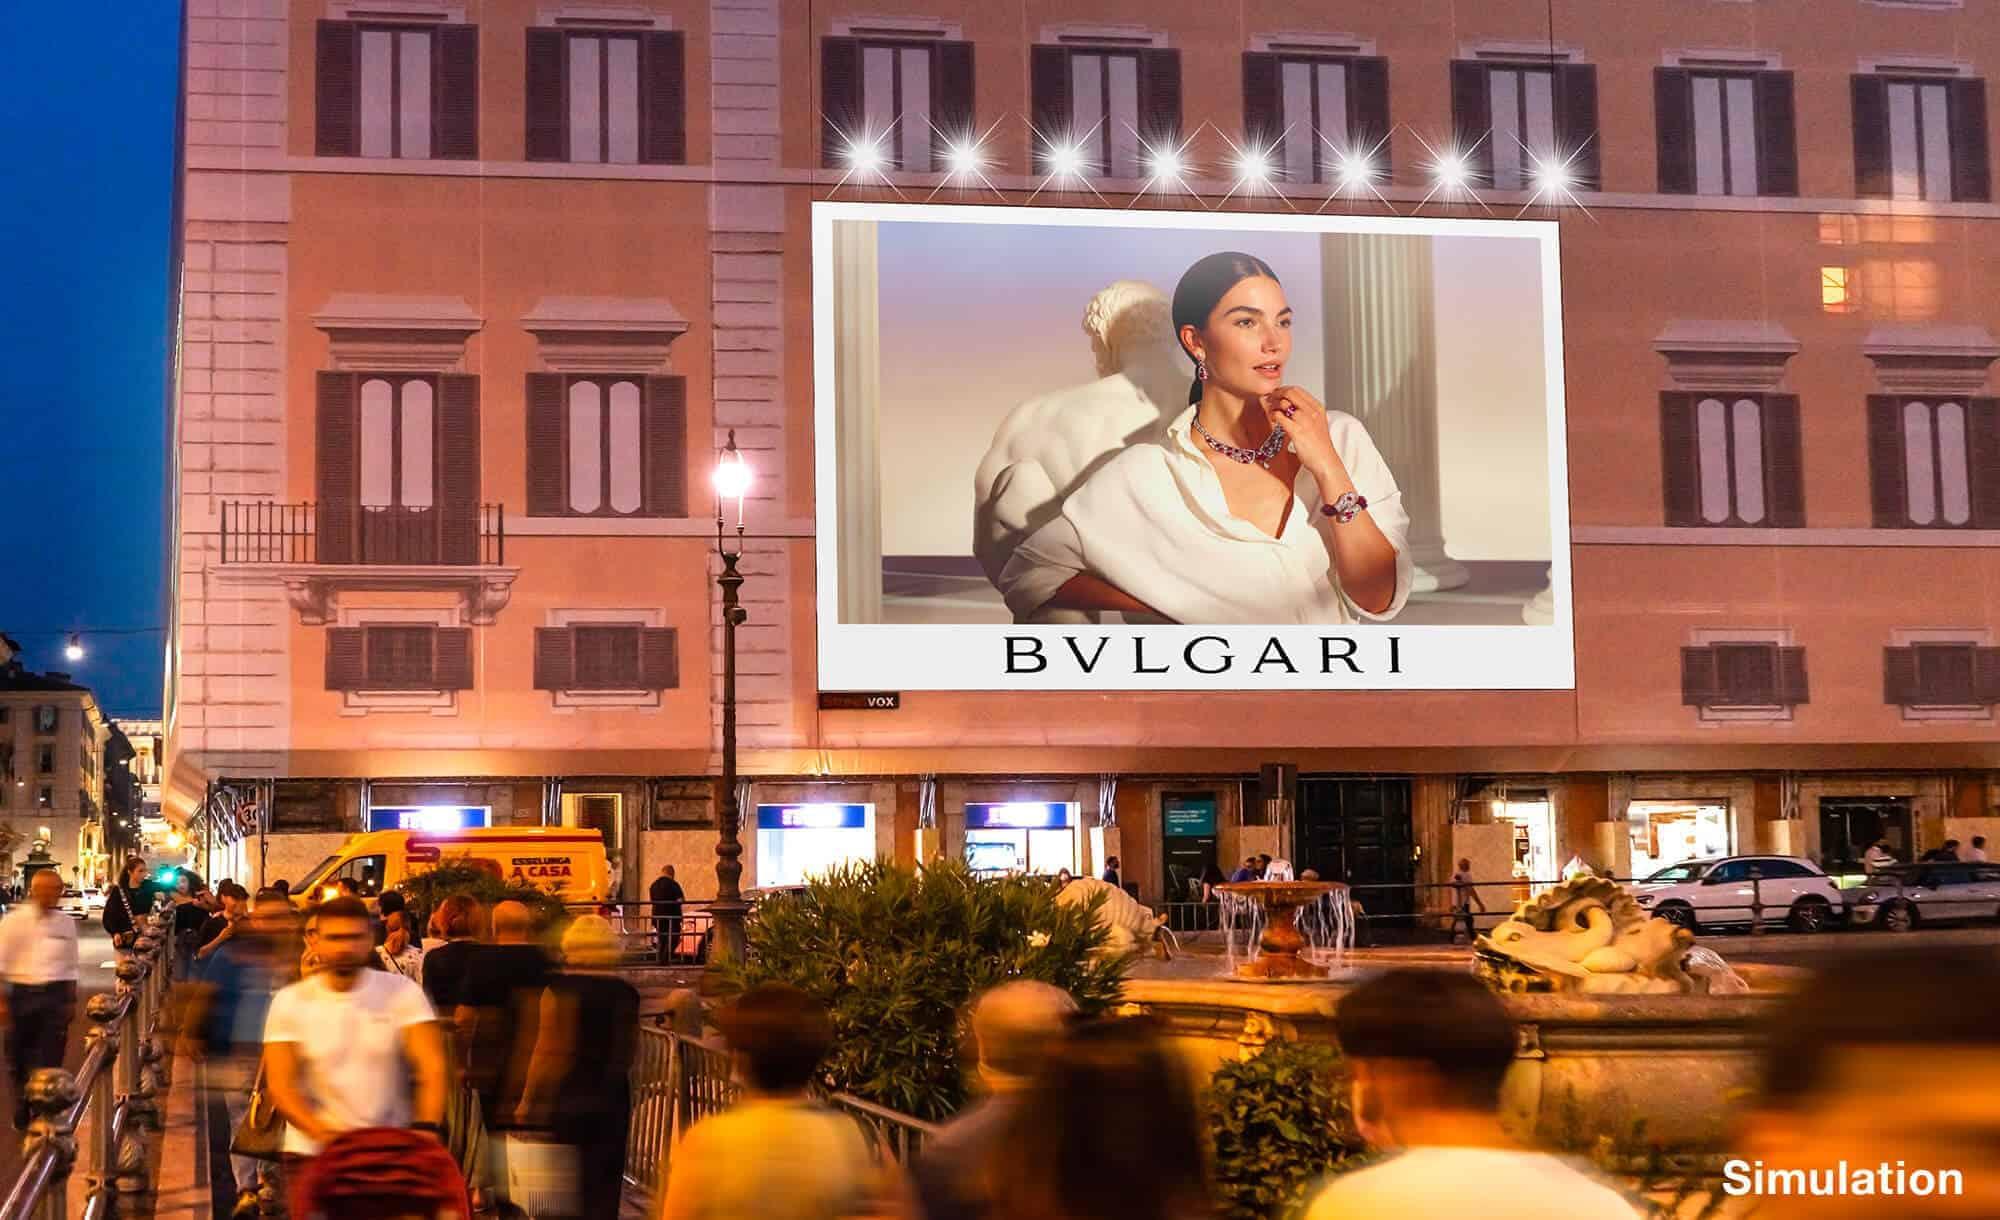 Maxi Affissione a Roma in Piazza Colonna con Bulgari (Fashion)